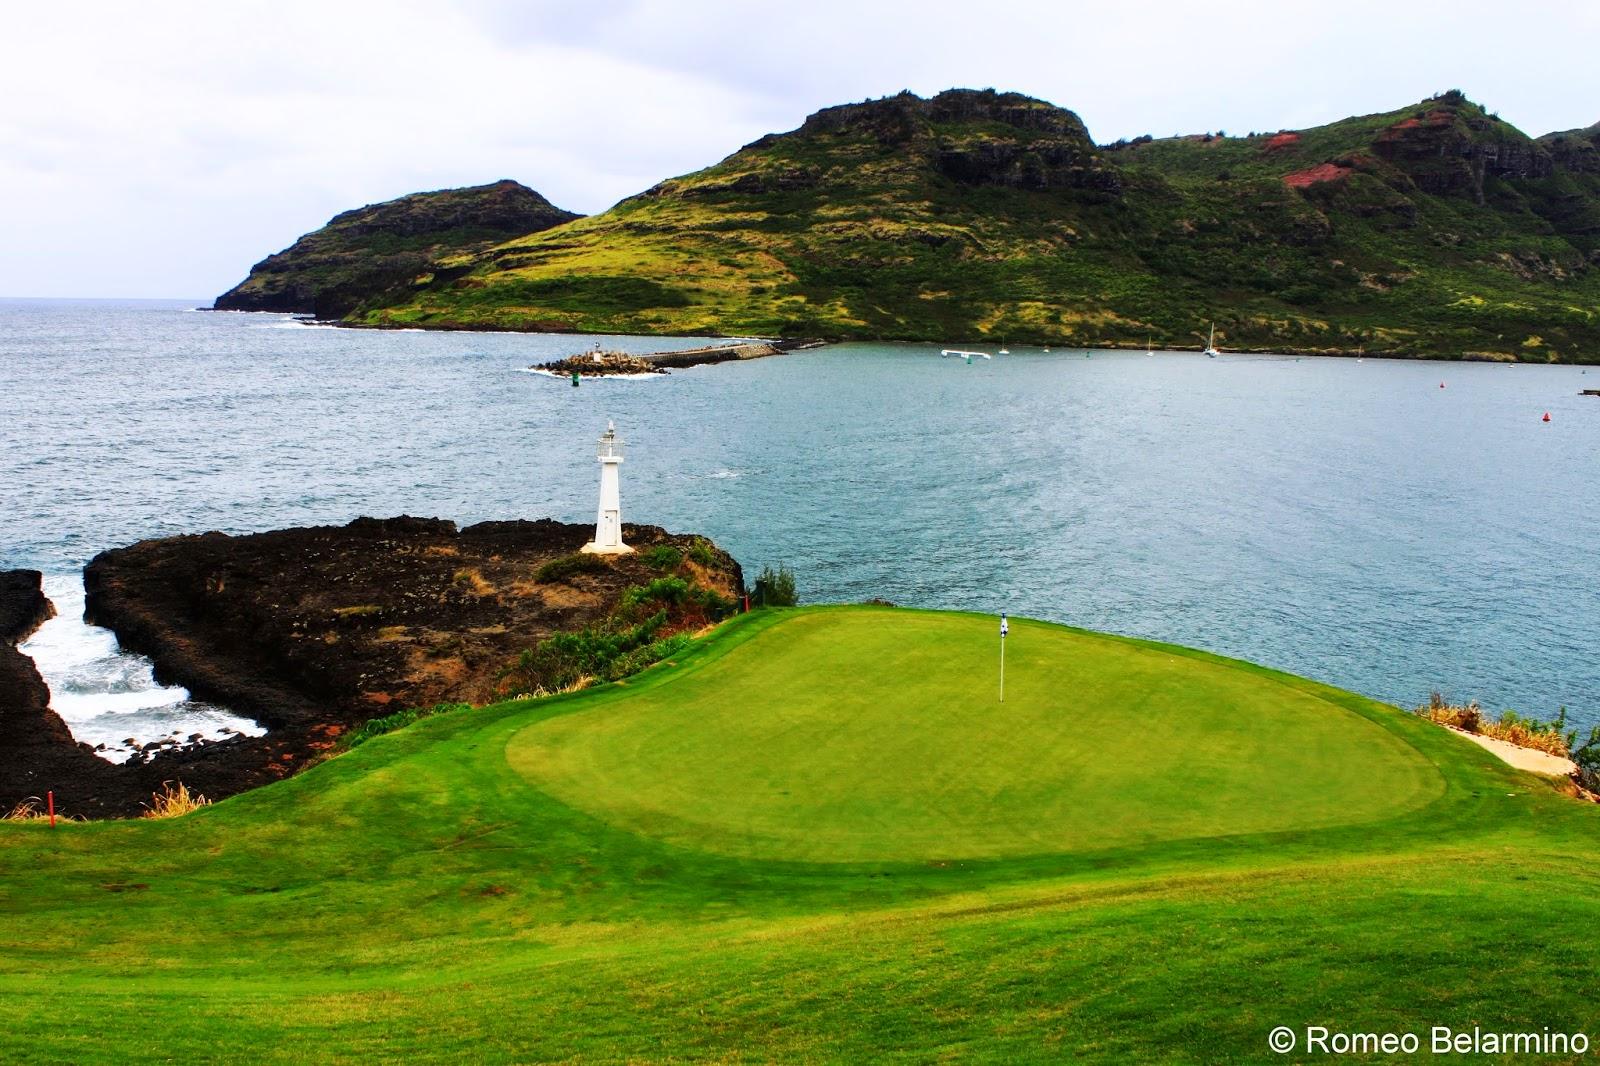 Kiele Moana Hole 7 Kauai Lagoons Golf Club Hawaii